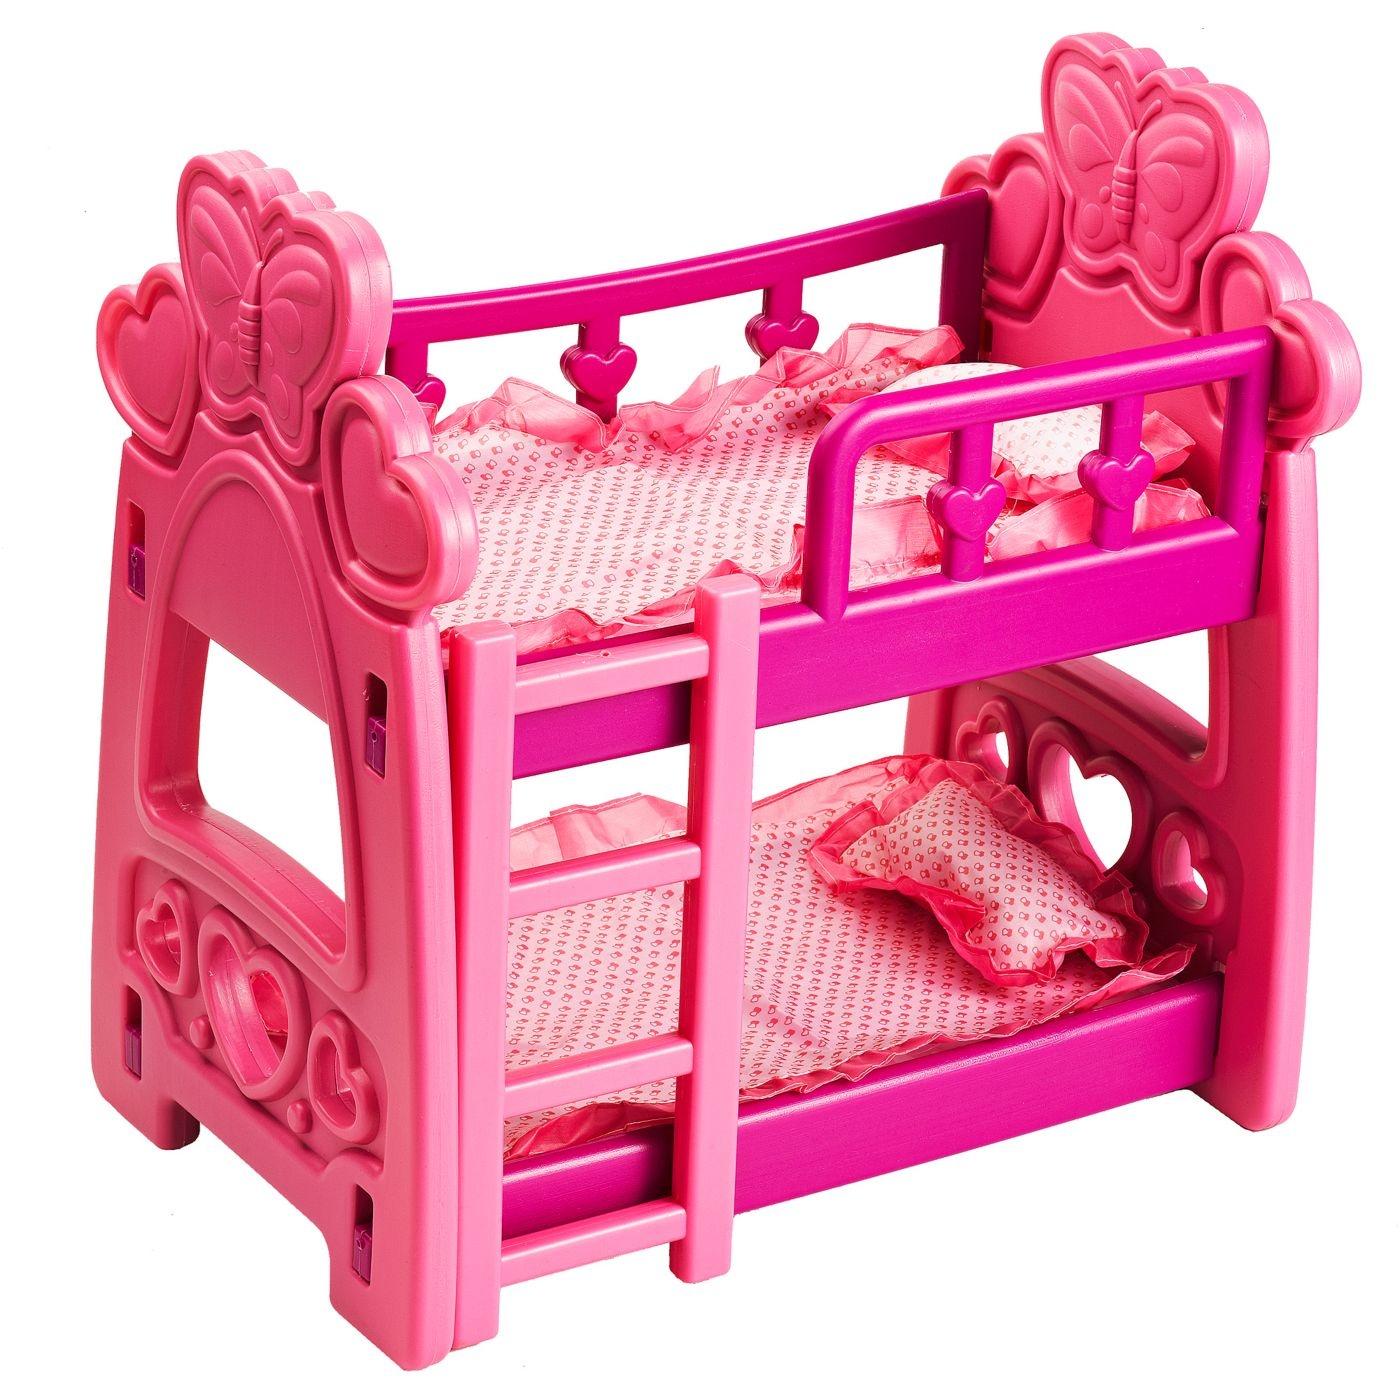 Badger Basket Hearts Doll Bunk Bed By Badger Basket Shop Online